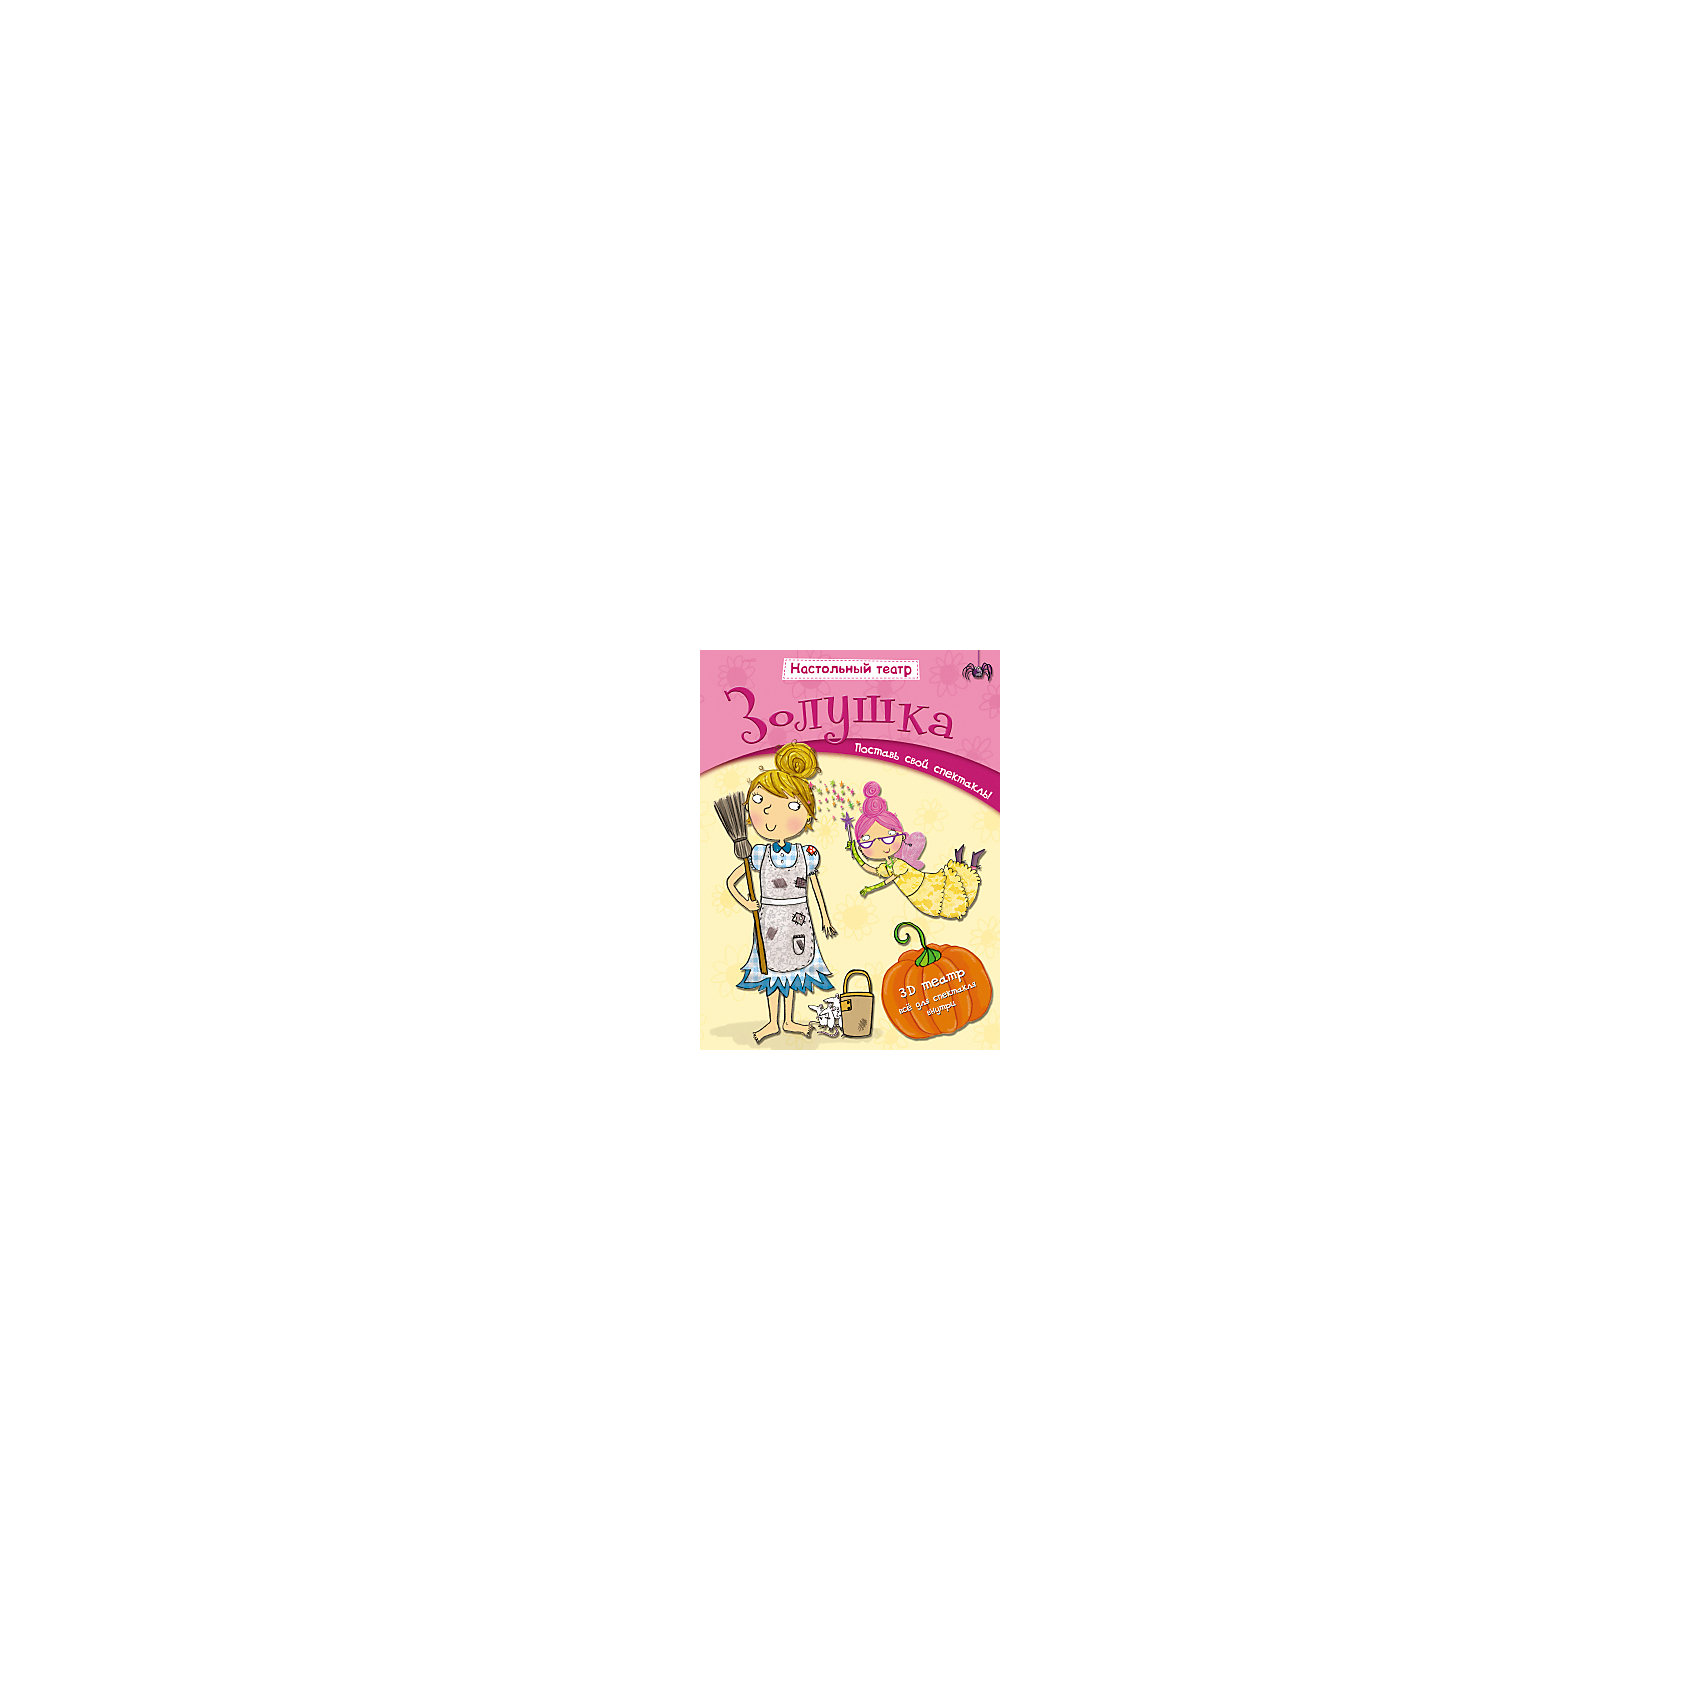 Настольный театр ЗолушкаМозаика-Синтез<br>Настольный театр Золушка<br><br>Характеристики:<br><br>• настоящее театральное представление, не выходя из дома<br>• текстовые карточки <br>• подробная инструкция<br>• в комплекте: персонажи, реквизит, декорации, карточки с текстом, входные билеты<br>• серия: Настольный театр<br>• ISBN: 978-5-43150-538-6<br>• размер упаковки: 28х21х0,5 см<br>• вес: 204 грамма<br><br>Настольный театр Золушка позволит ребёнку устроить настоящее представление по мотивам сказки. Для этого нужно достать фигурки главных героев и реквизит, установить декорации. В комплекте есть входные билеты, чтобы вы могли пригласить друзей на представление. Карточки с текстом помогут ребёнку не запутаться в сюжетной линии. Устройте настоящий 3D театр у себя дома!<br><br>Настольный театр Золушка вы можете купить в нашем интернет-магазине.<br><br>Ширина мм: 5<br>Глубина мм: 210<br>Высота мм: 280<br>Вес г: 204<br>Возраст от месяцев: 36<br>Возраст до месяцев: 84<br>Пол: Женский<br>Возраст: Детский<br>SKU: 5362926